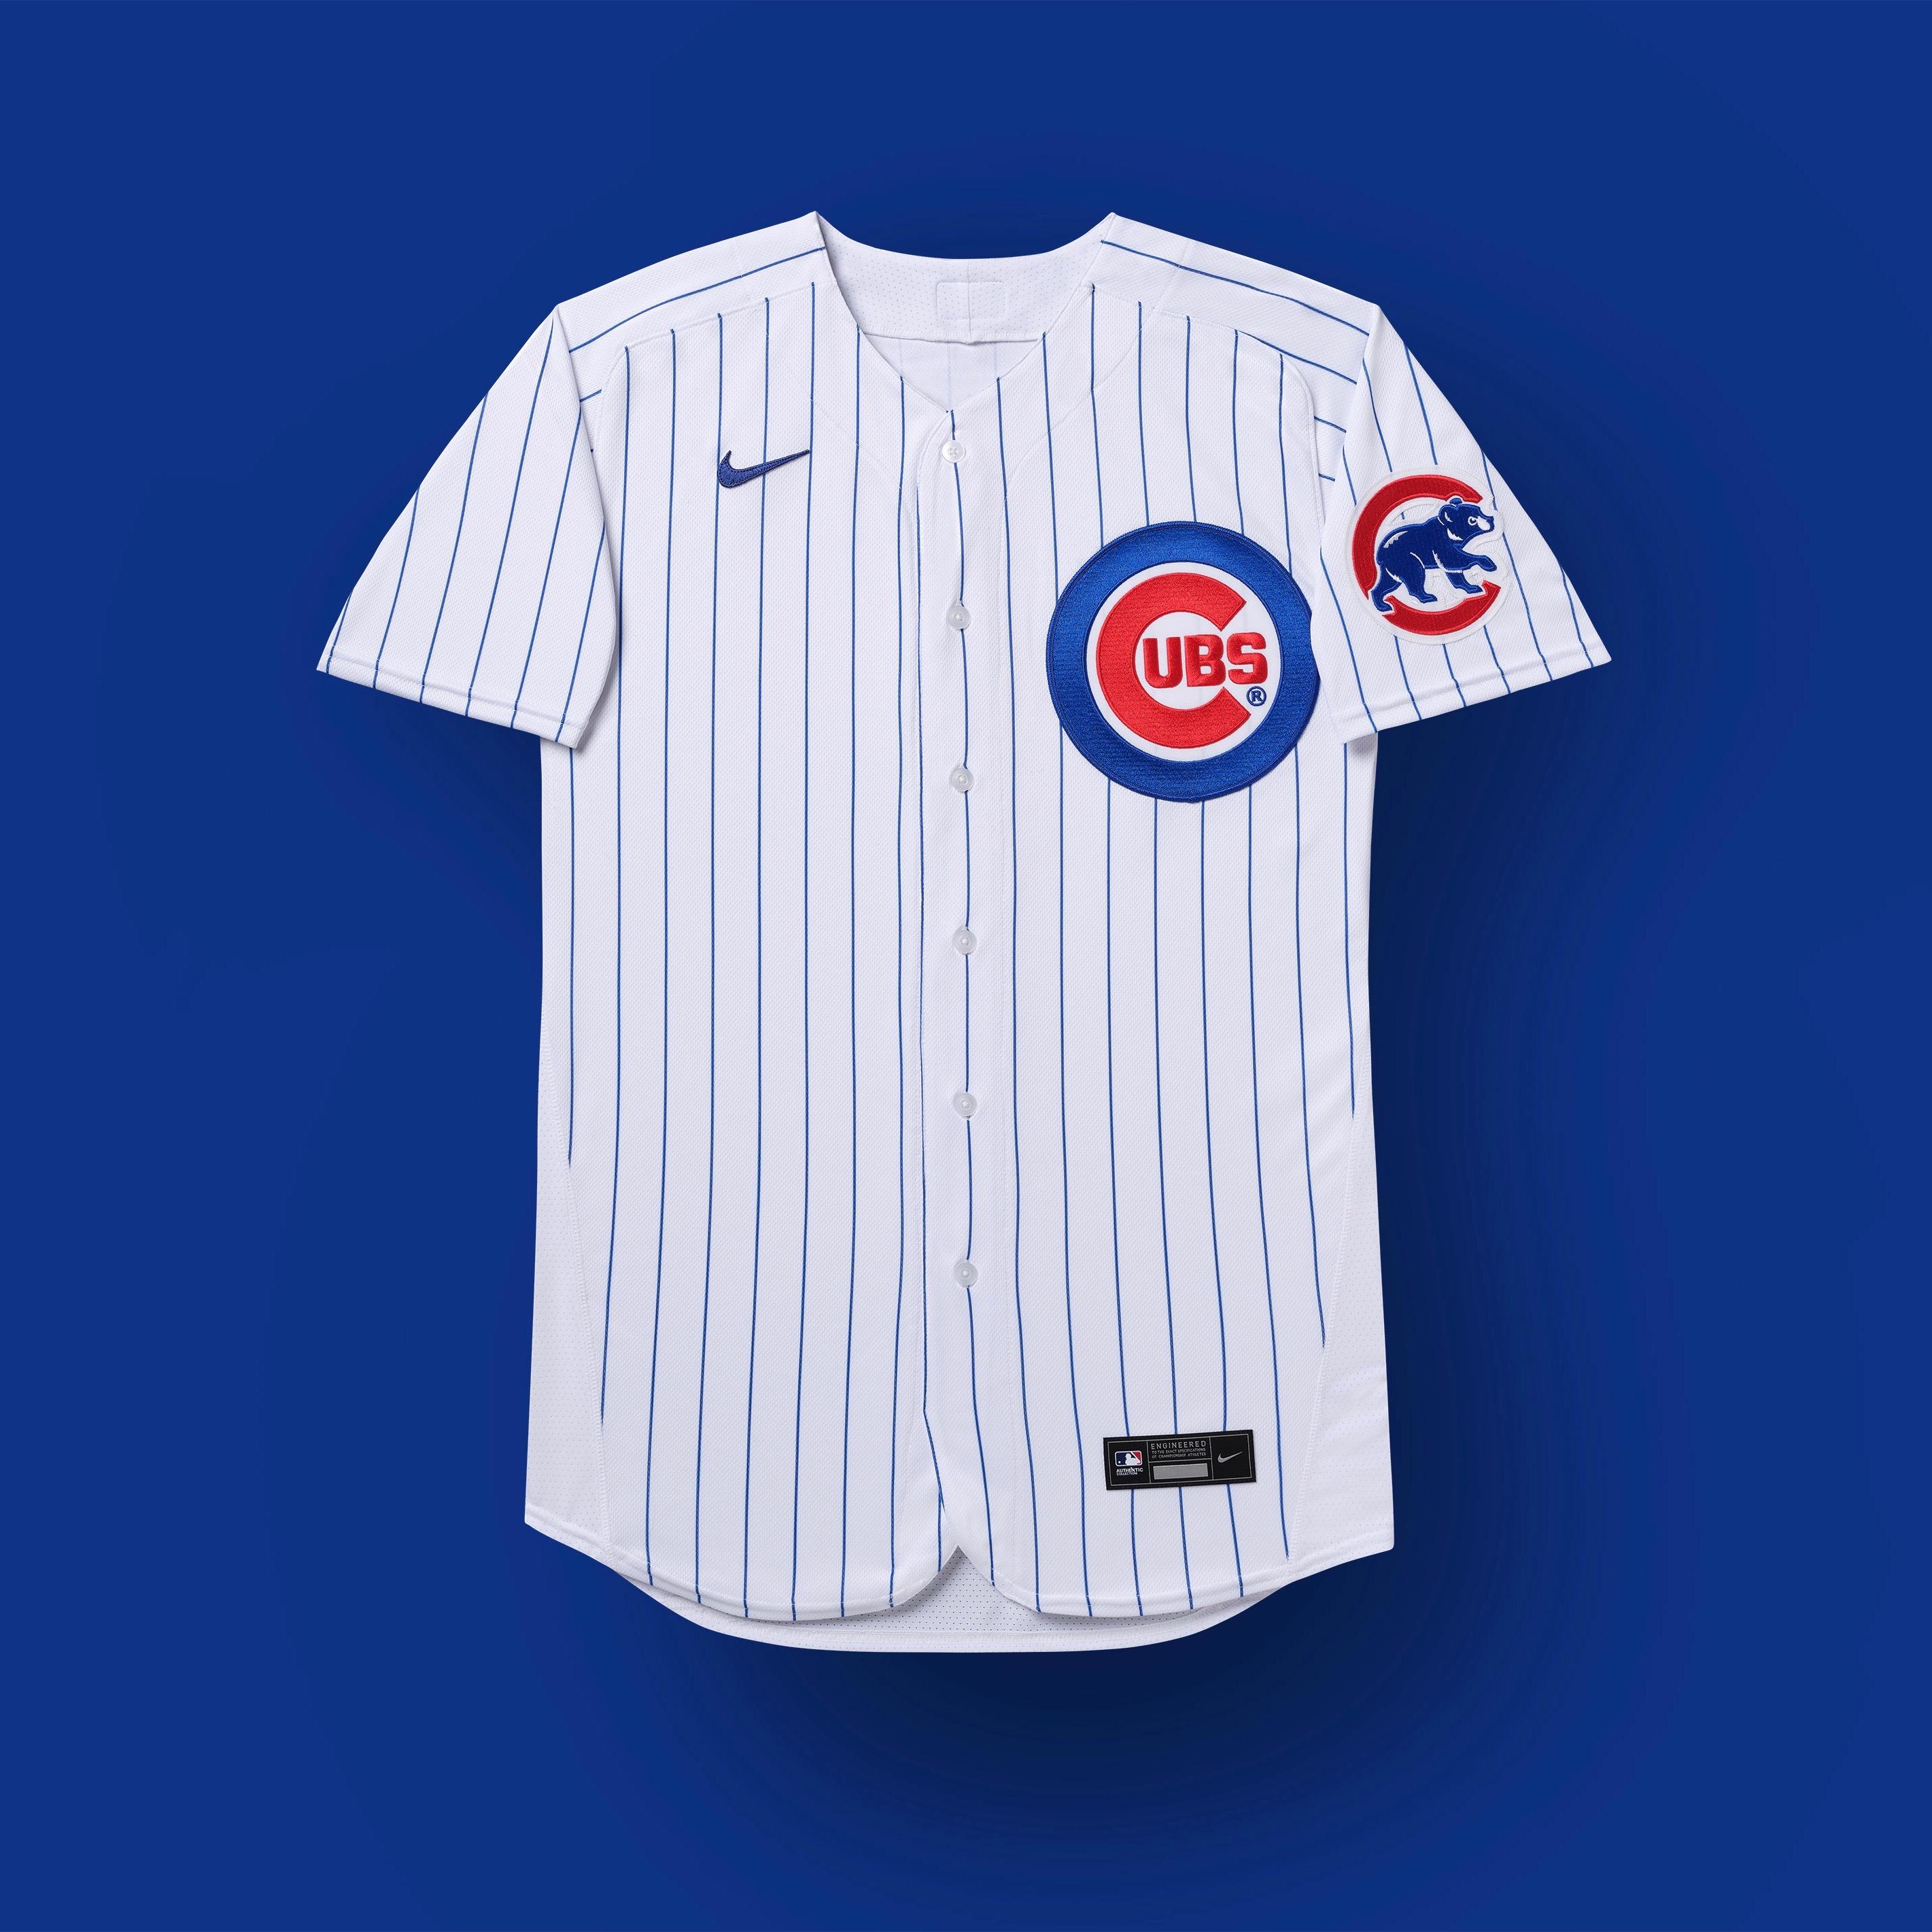 chicago cubs 2020 uniforms